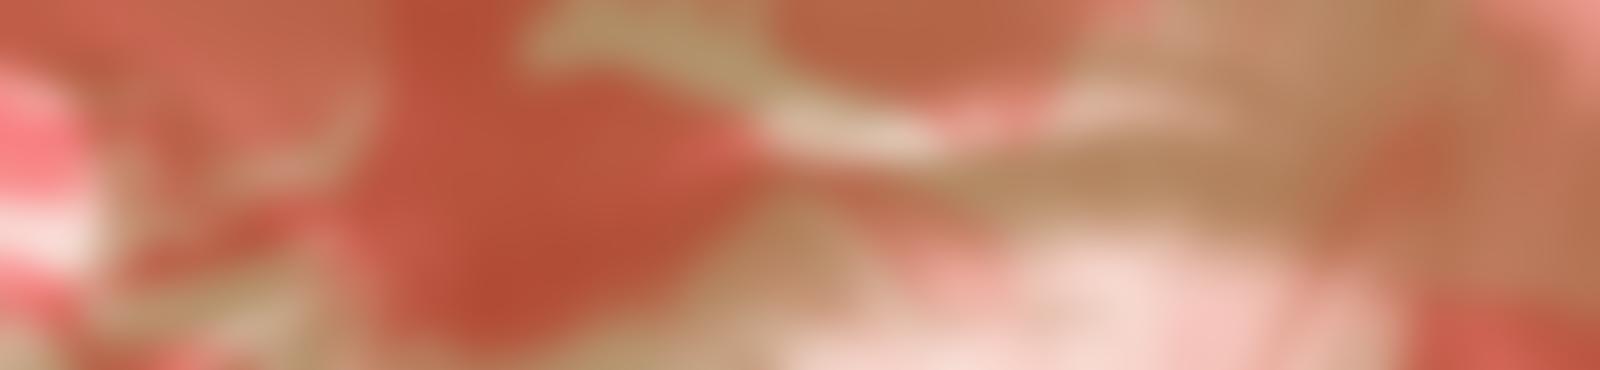 Blurred 49e9d325 b883 42a6 b50d 70c695c20e06